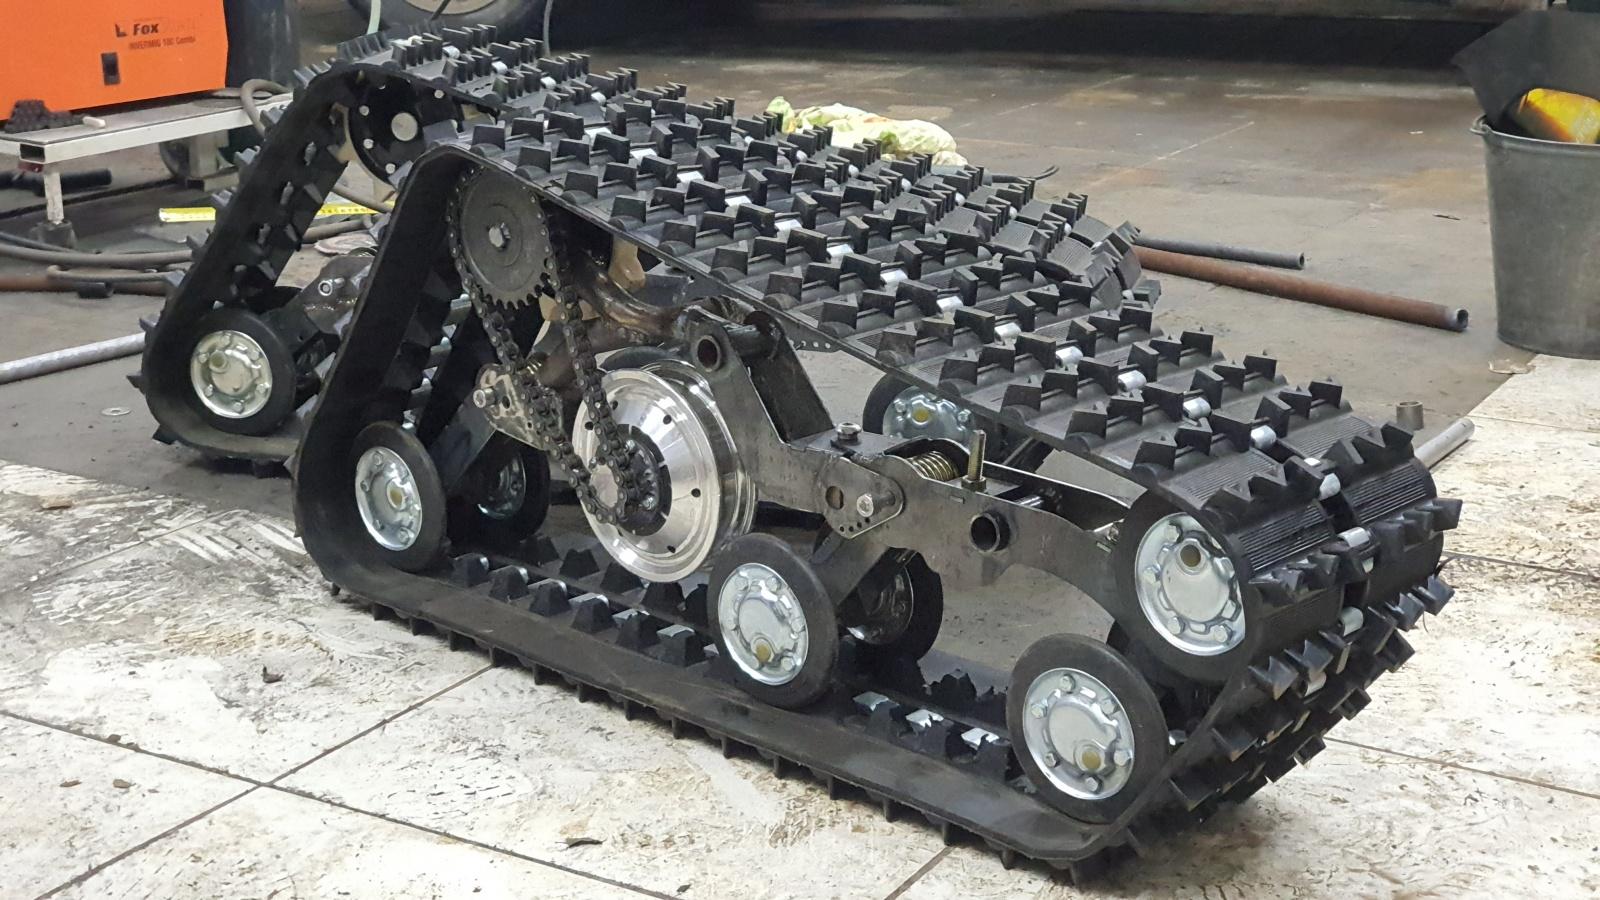 DIY Гусеничная платформа для роботов и развлечений - 2